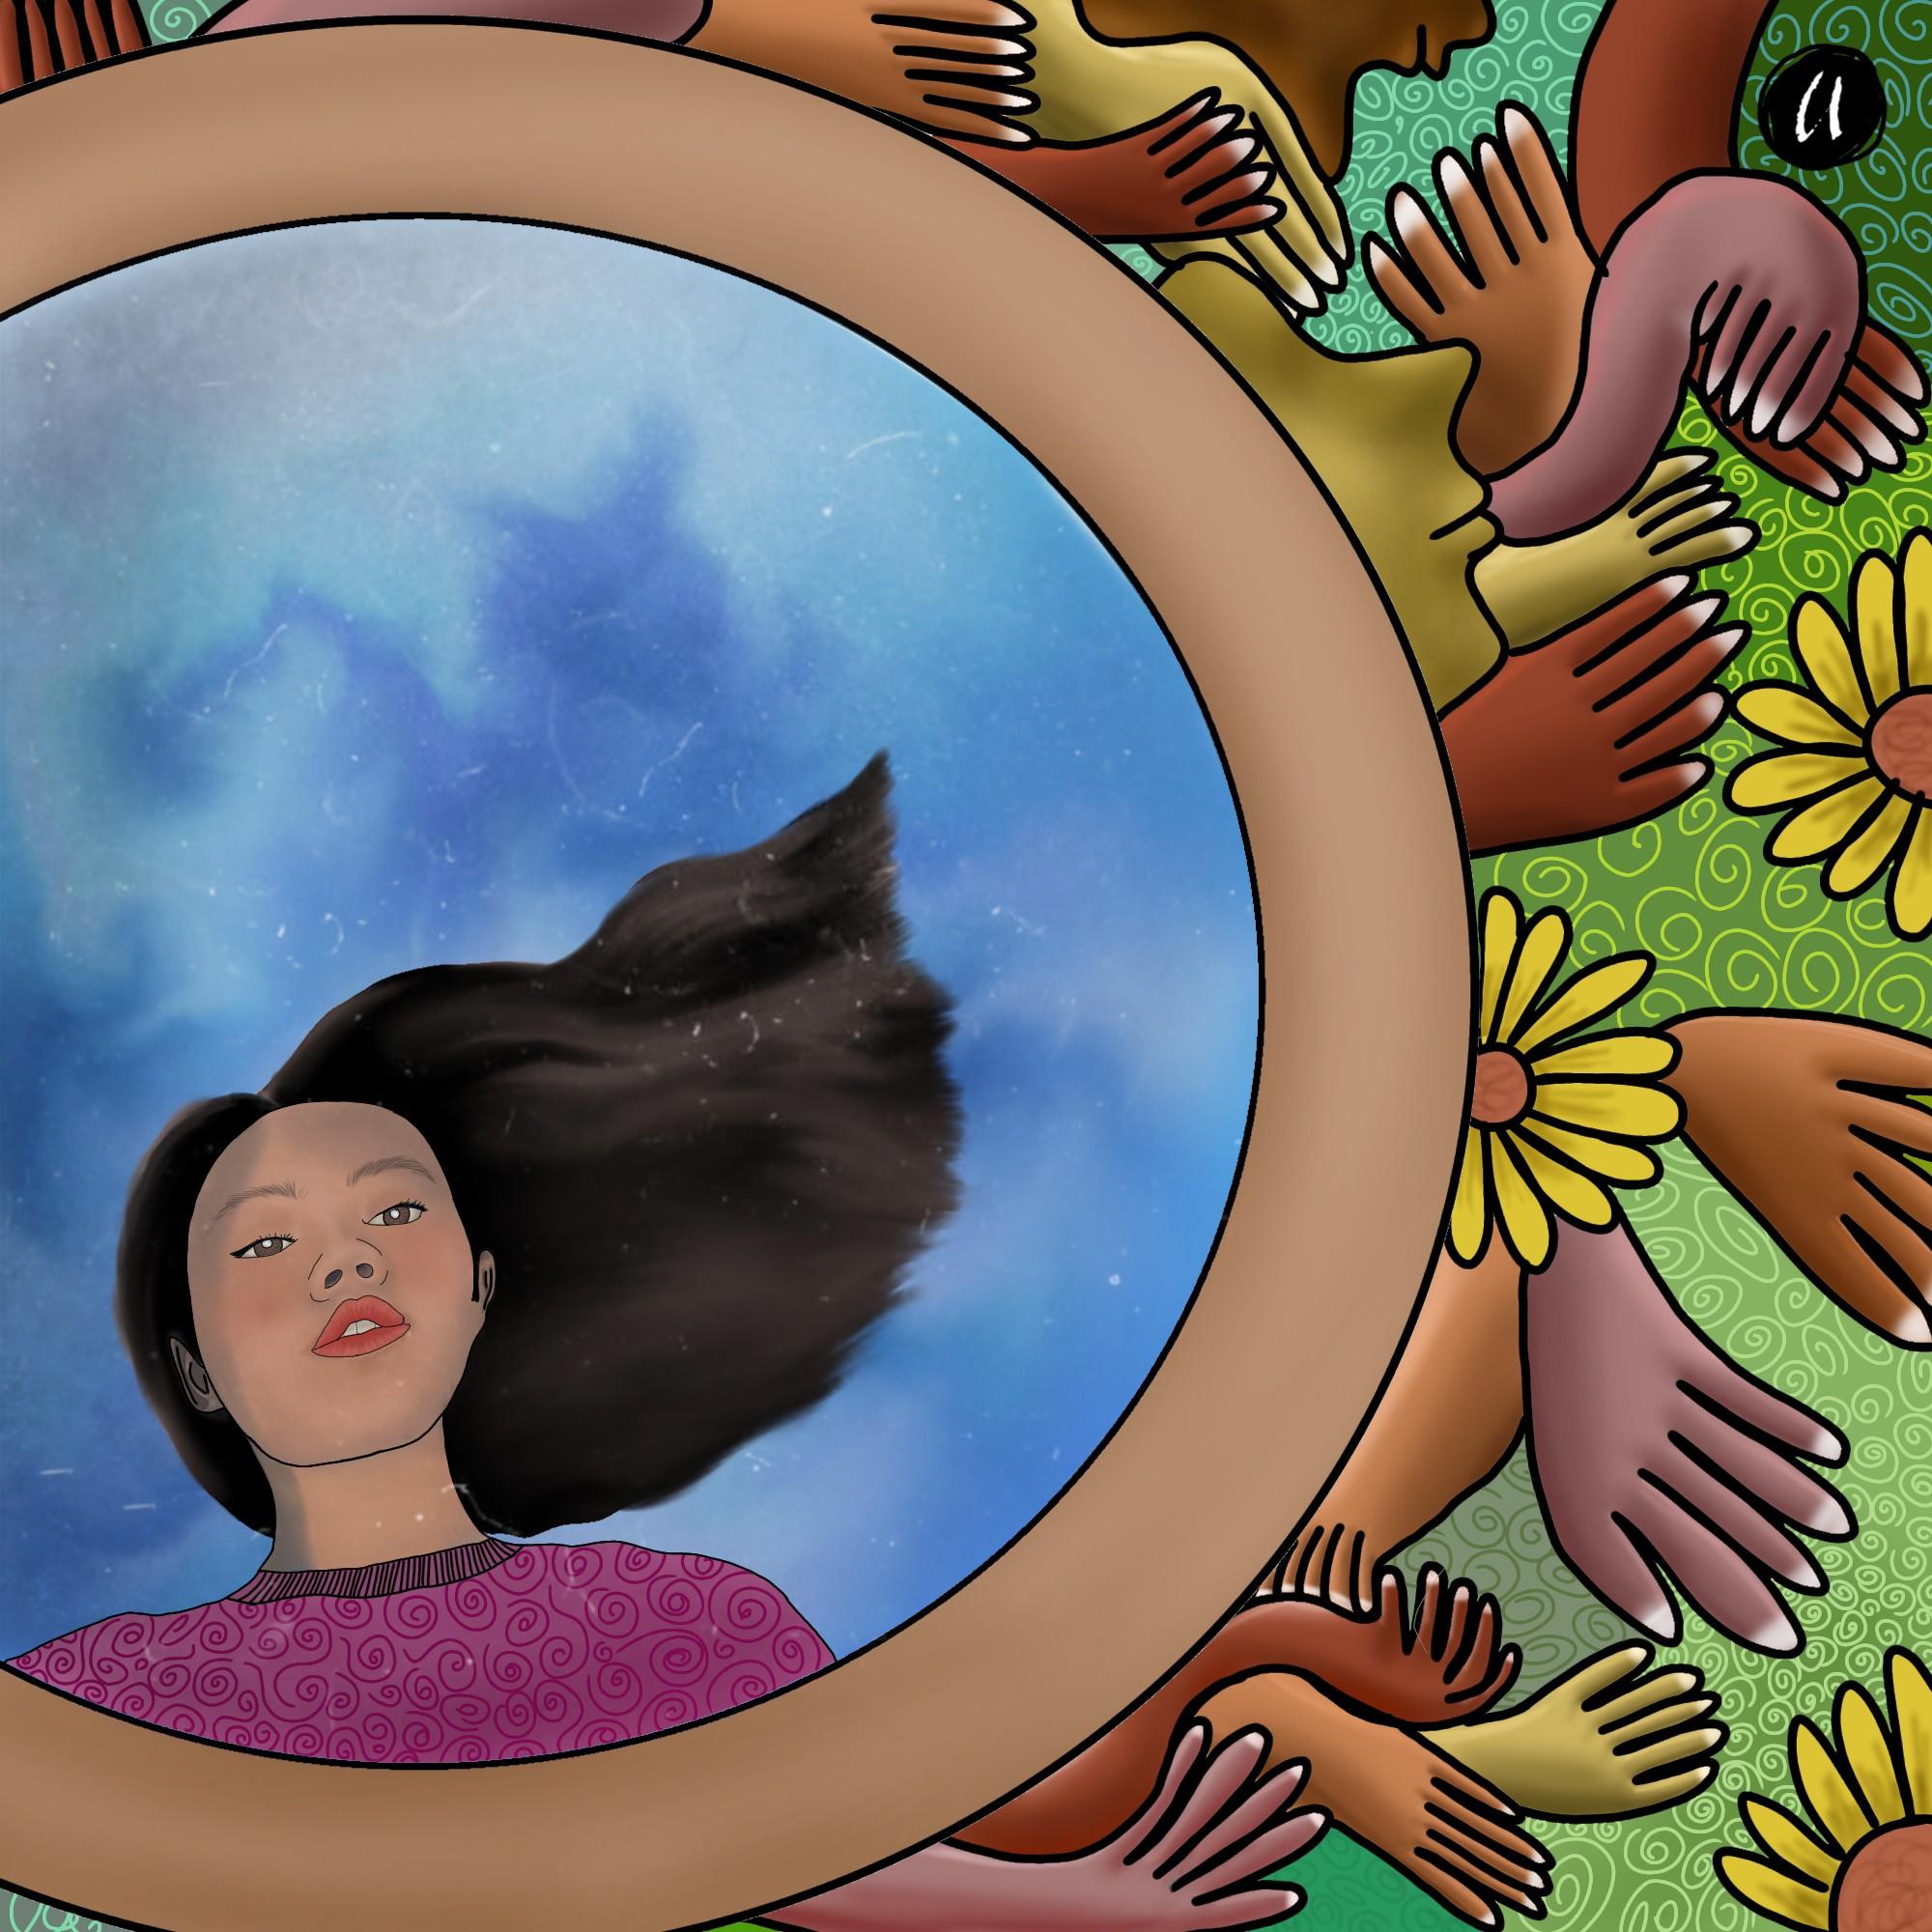 Membuat Gambar Ilustrasi uwan urwan yura yunita